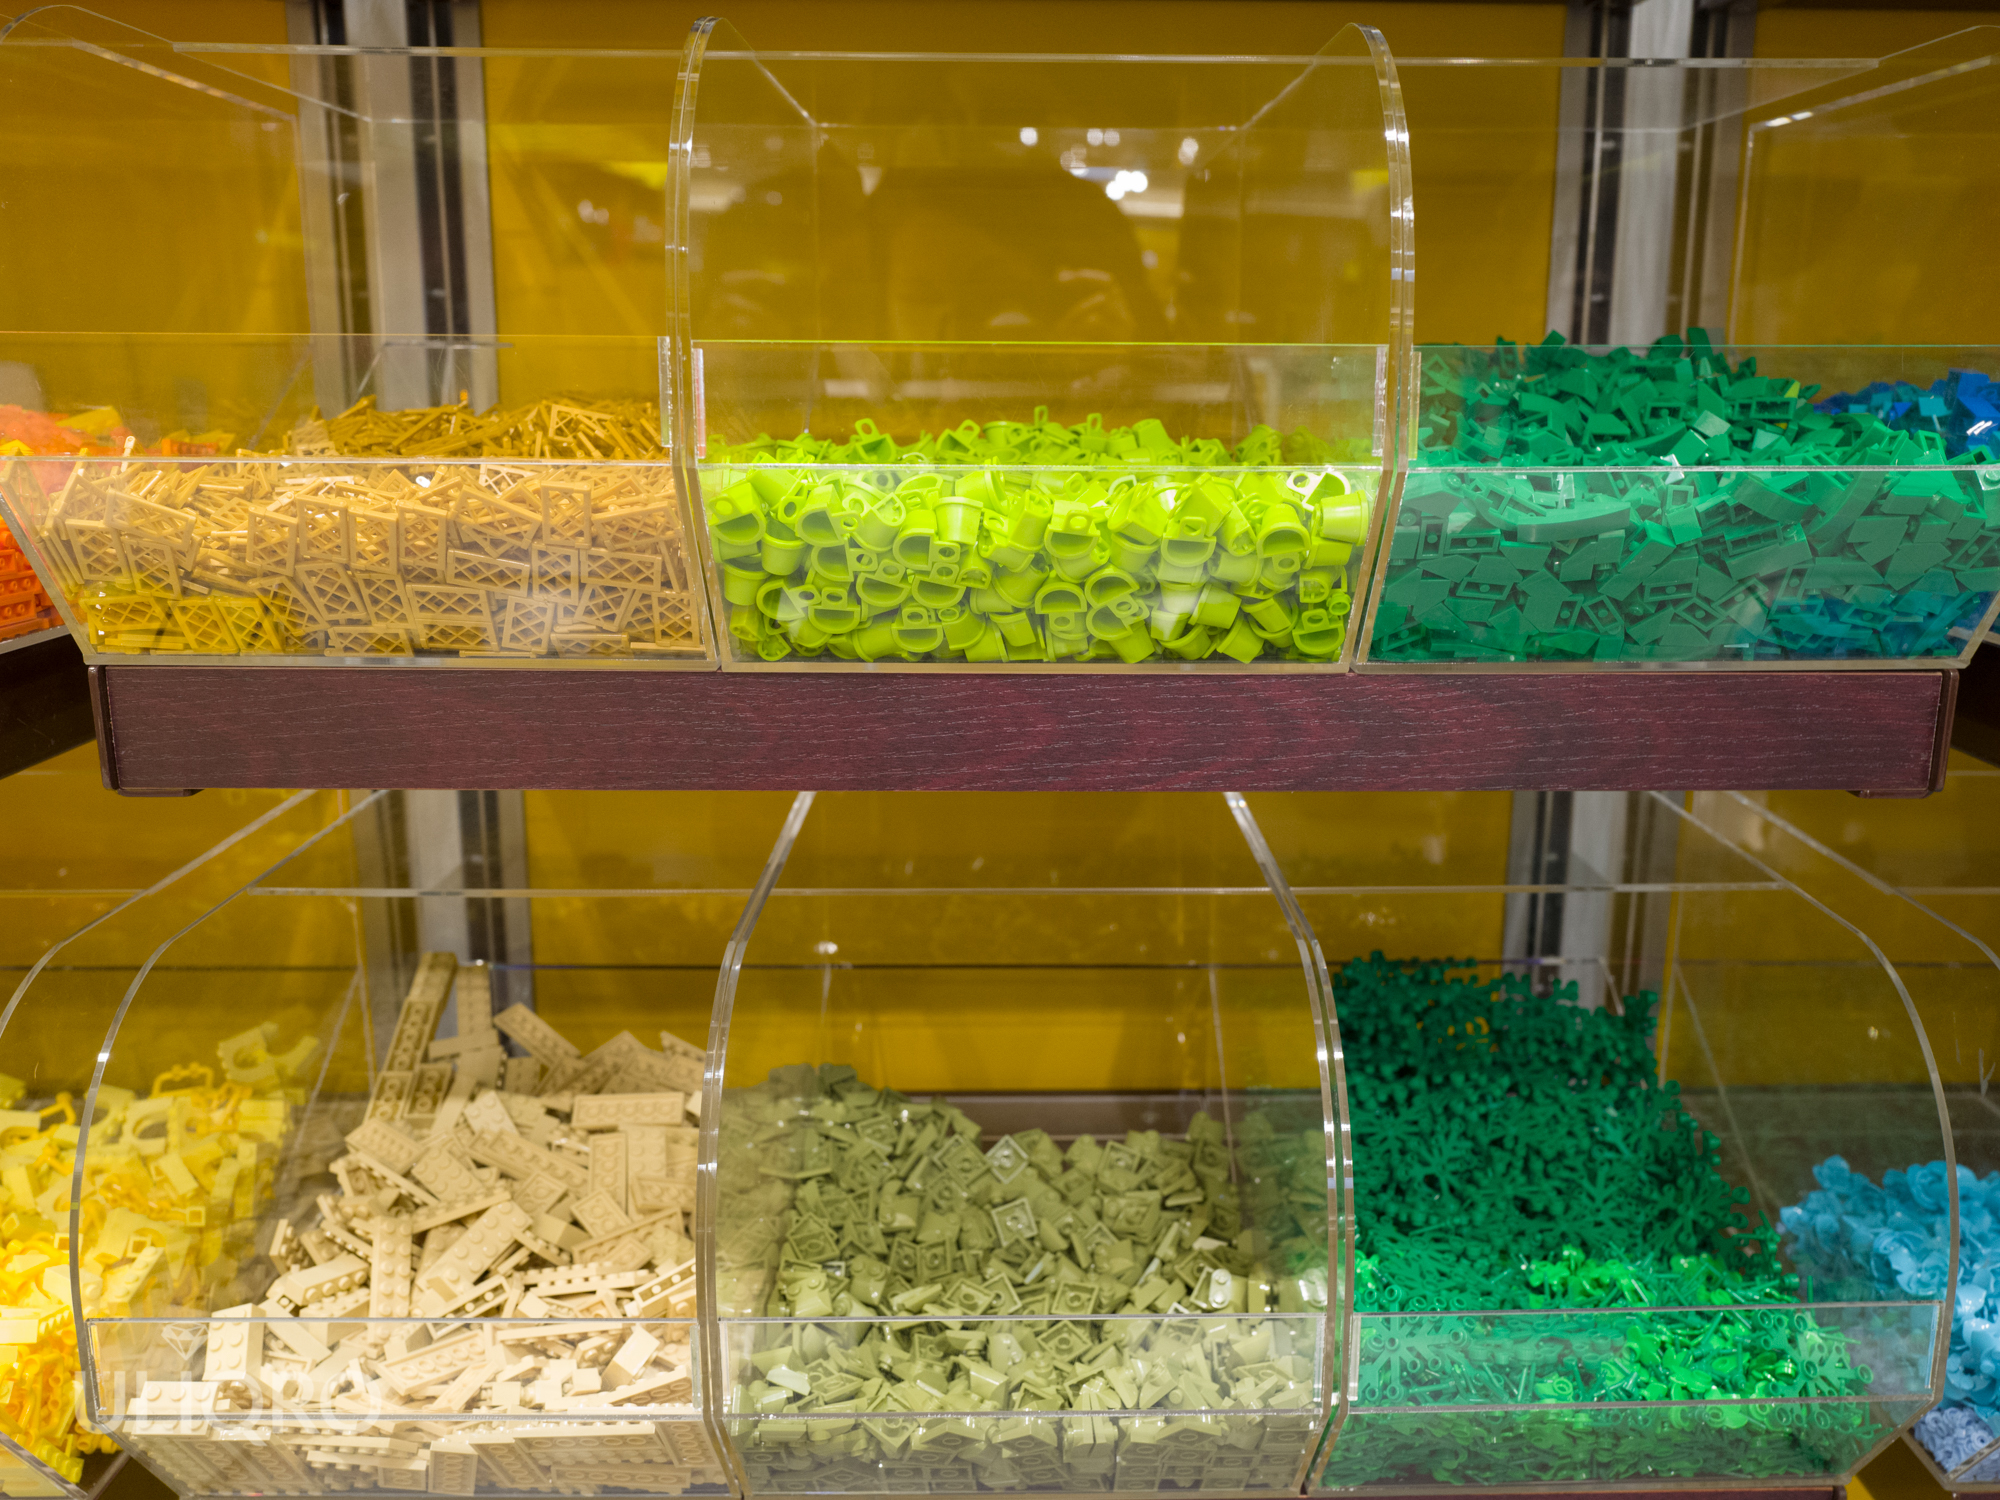 レゴランド・ジャパンのピック・ア・ブリックが便利!欲しいパーツをたくさん買ってビルダーを目指そう